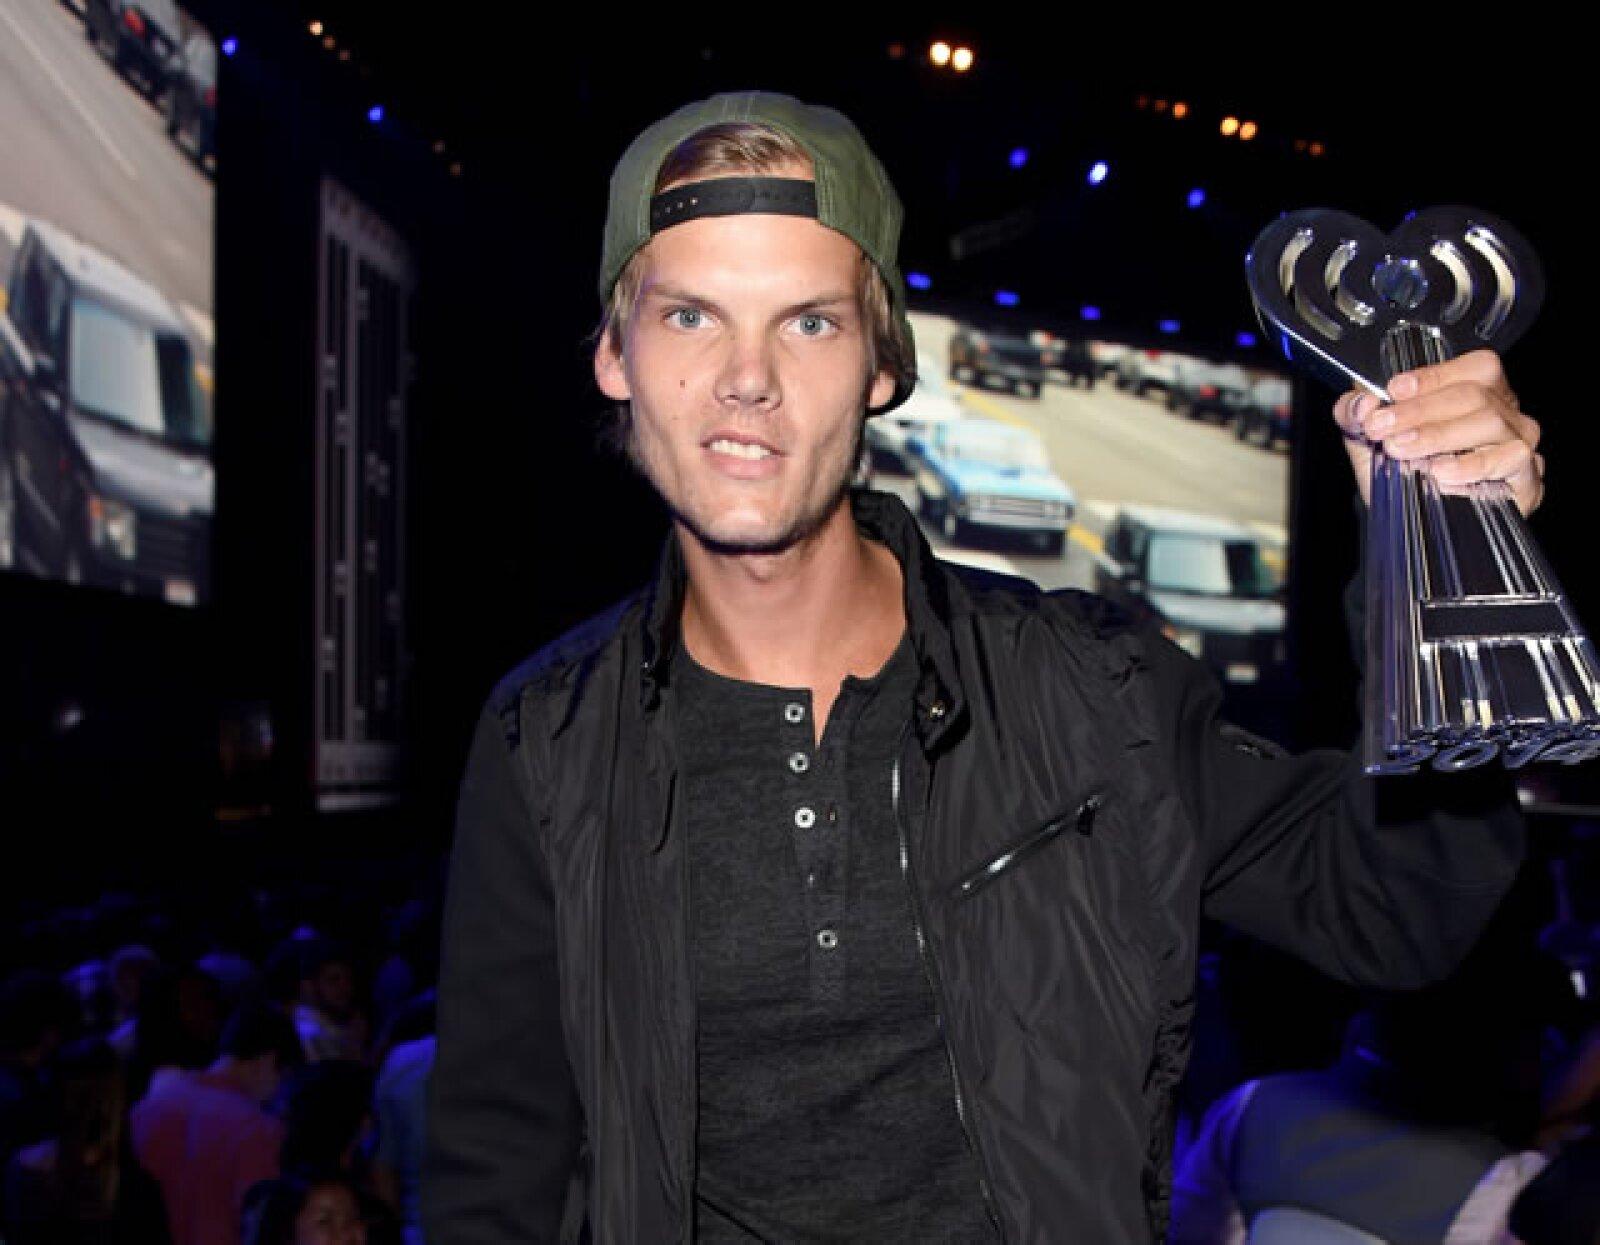 """El Dj sueco, Avicii, a sus 25 años ocupa el sitio 9 con 28 millones de dólares gracias a su sencillo, """"Wake Me Up""""."""